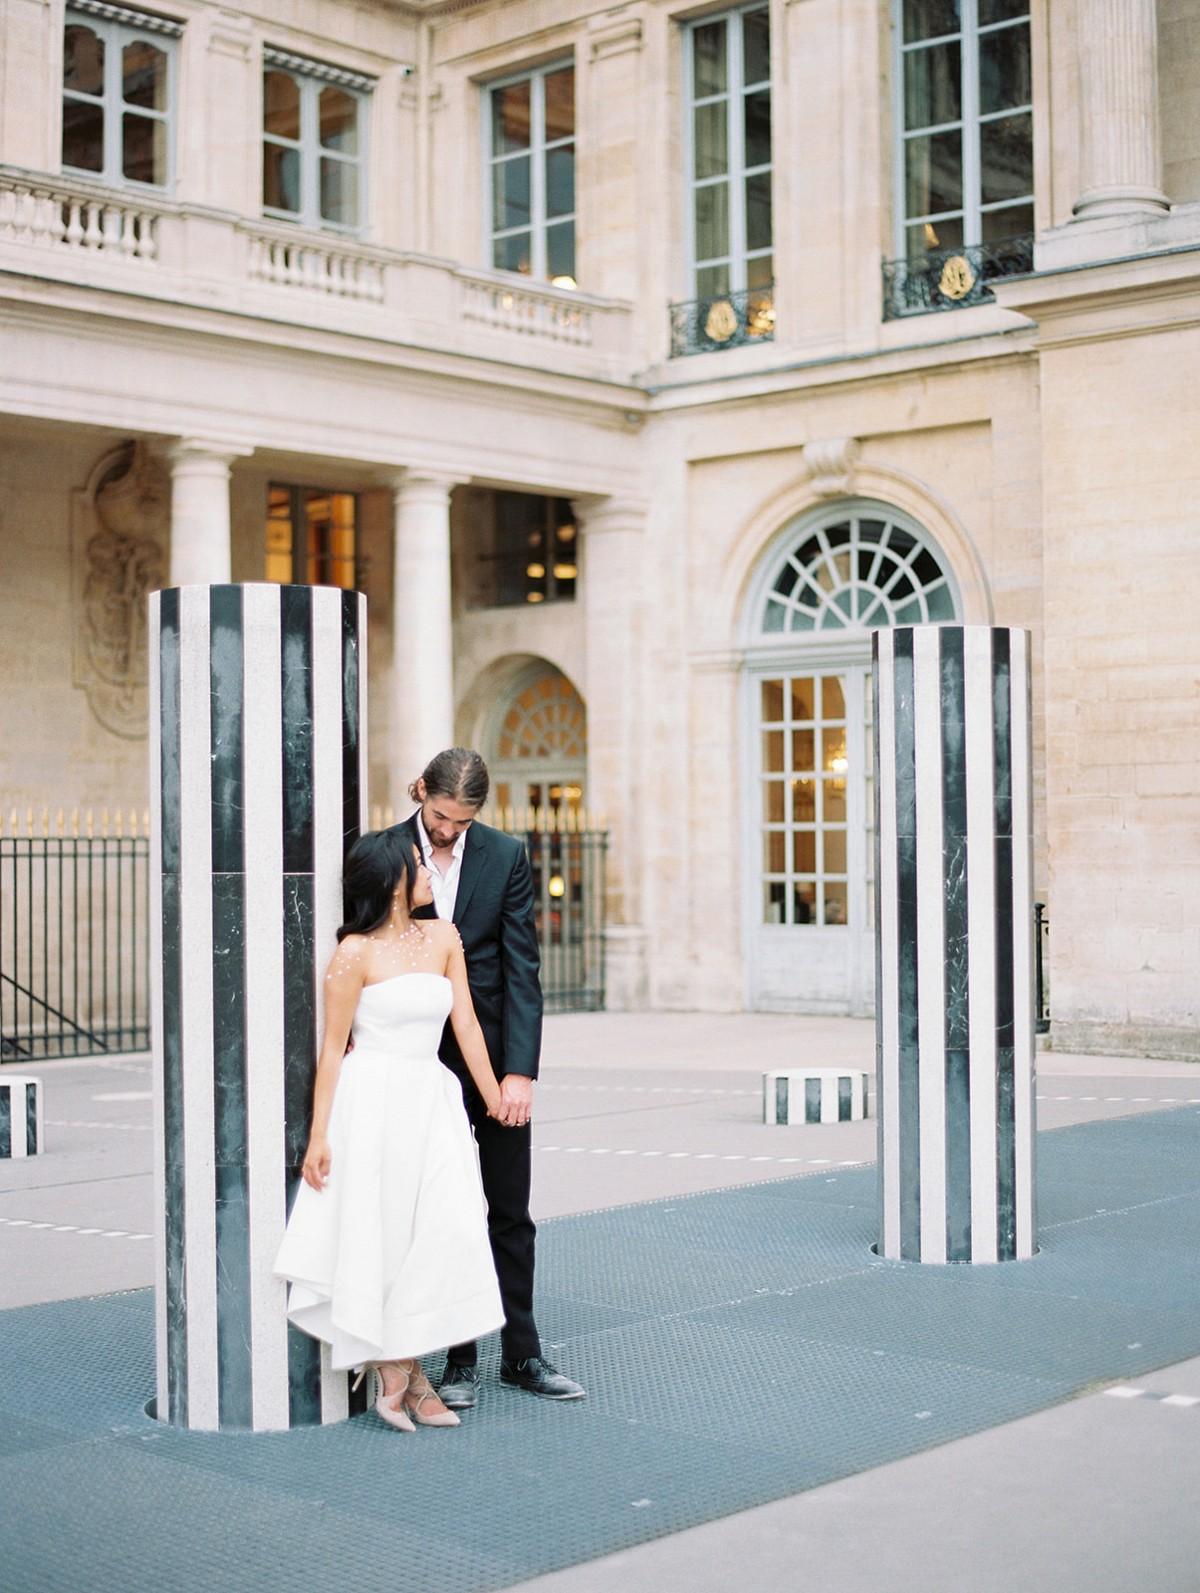 paris engagement shoot ideas